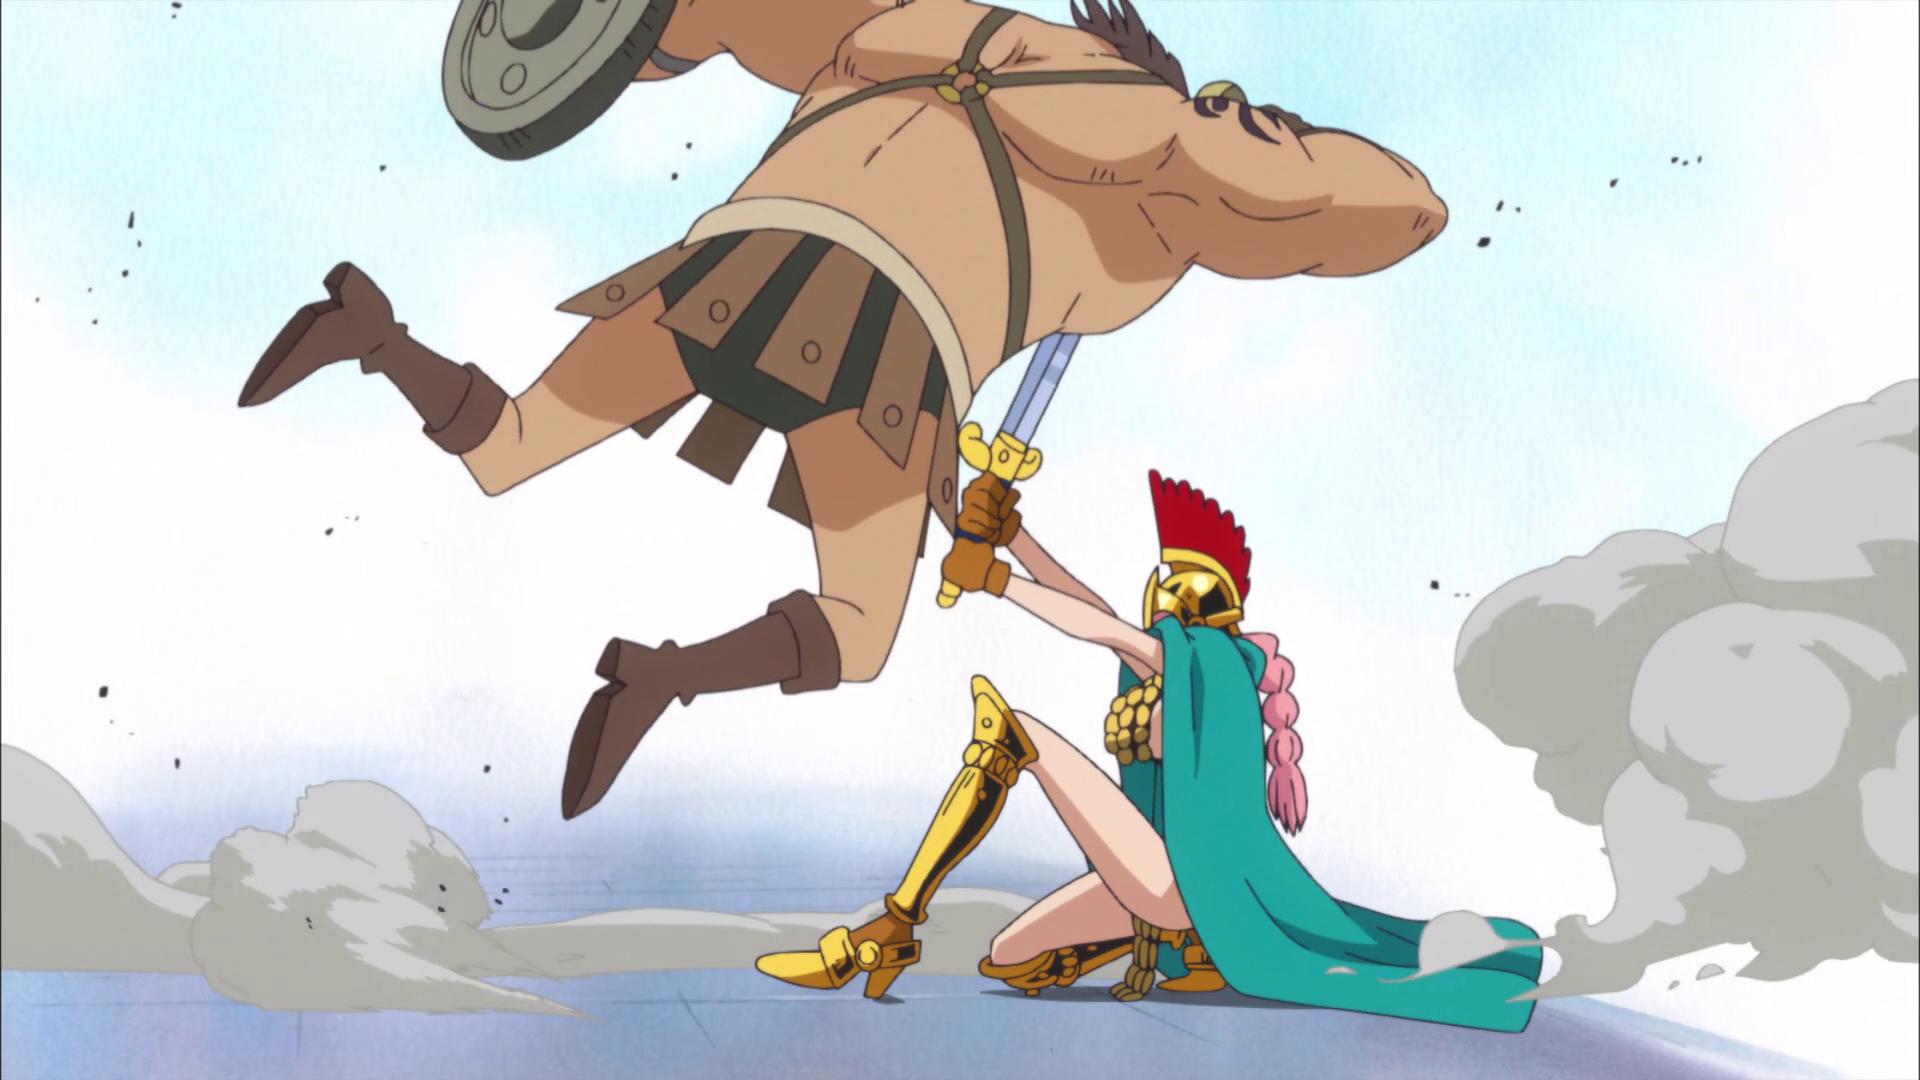 Danza della spada a picco sull'acqua